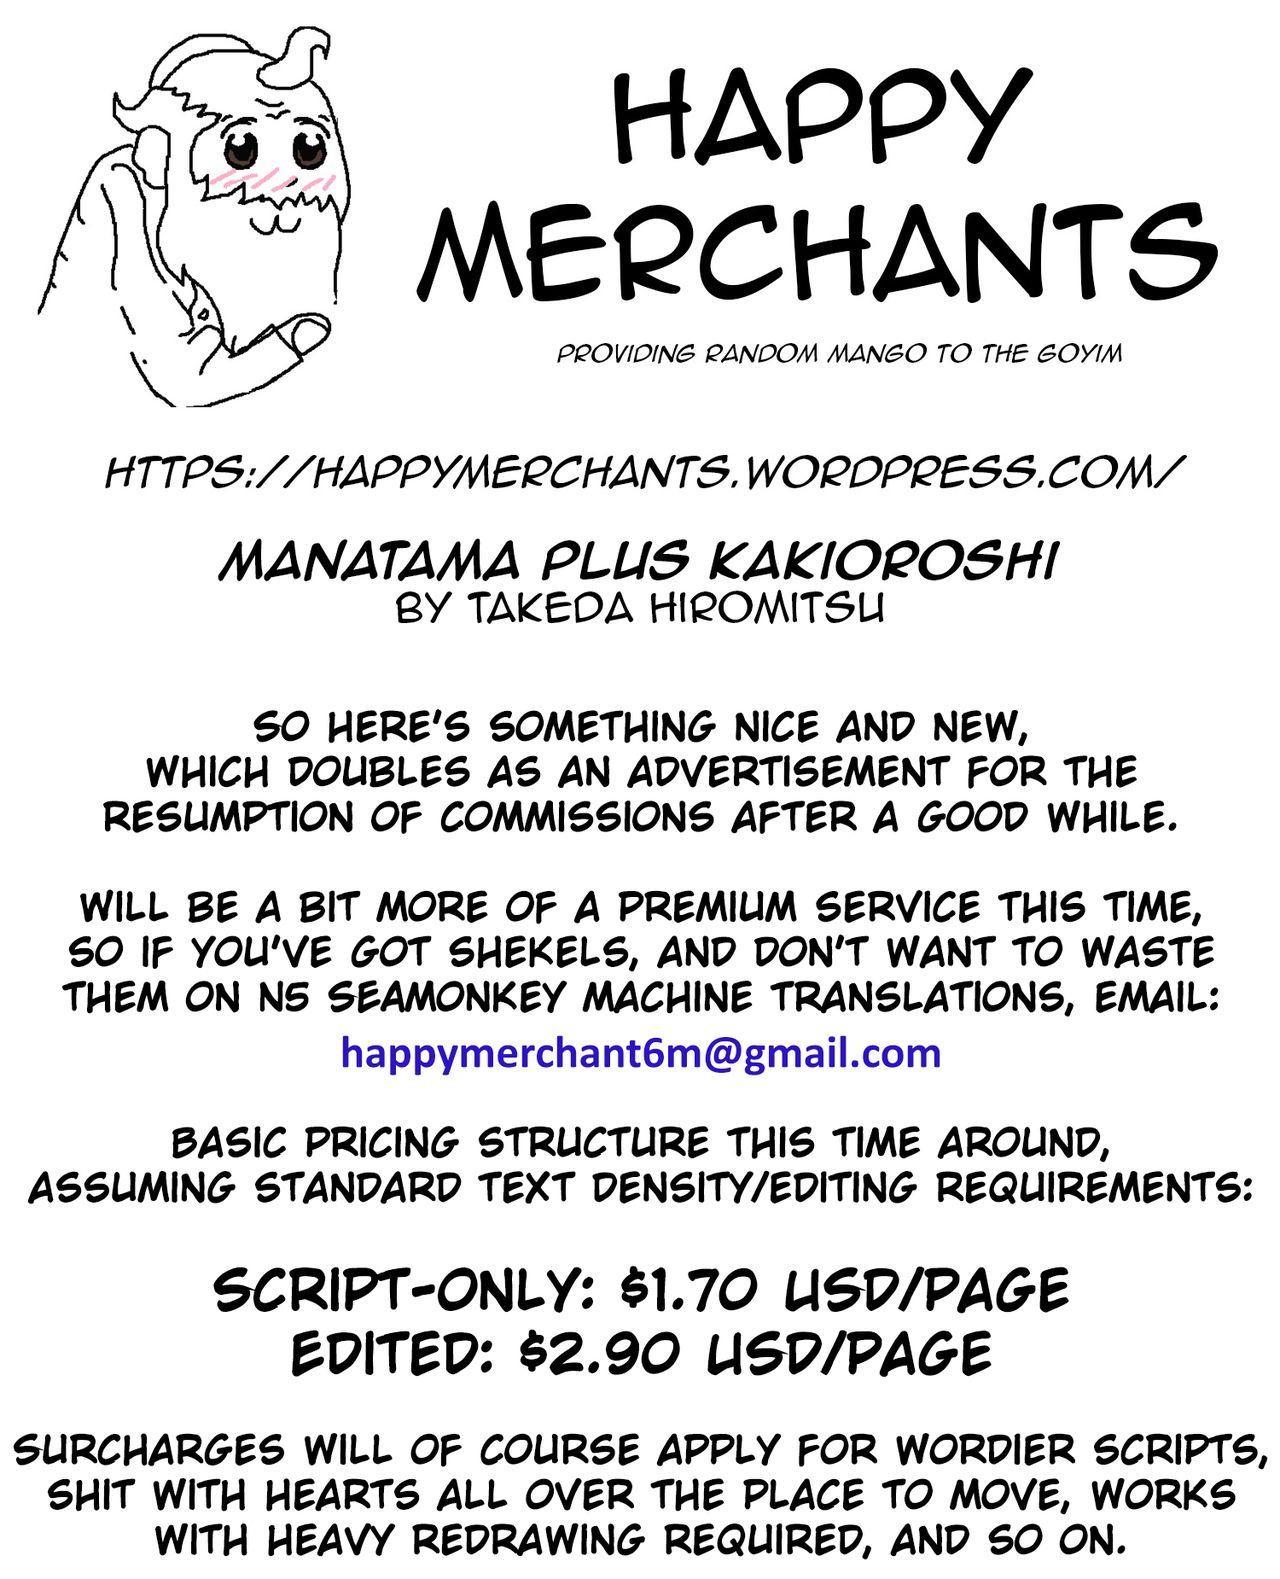 Manatama Plus Kakioroshi | Manatama Plus Extra 1